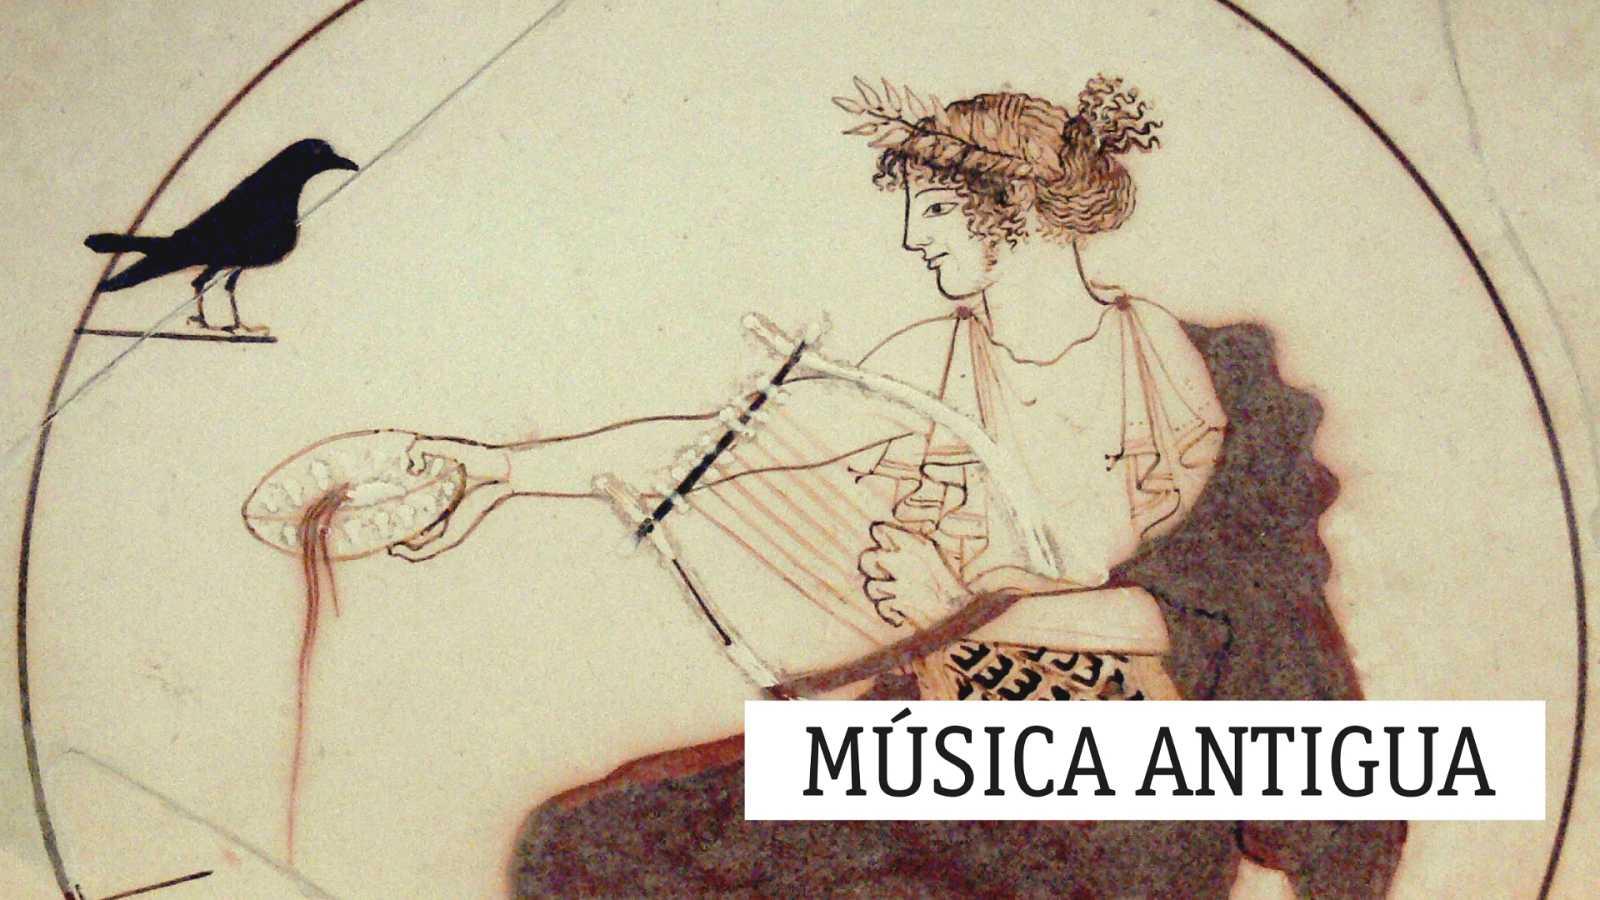 Música antigua - Otros códices y manuscritos - 10/11/20 - escuchar ahora